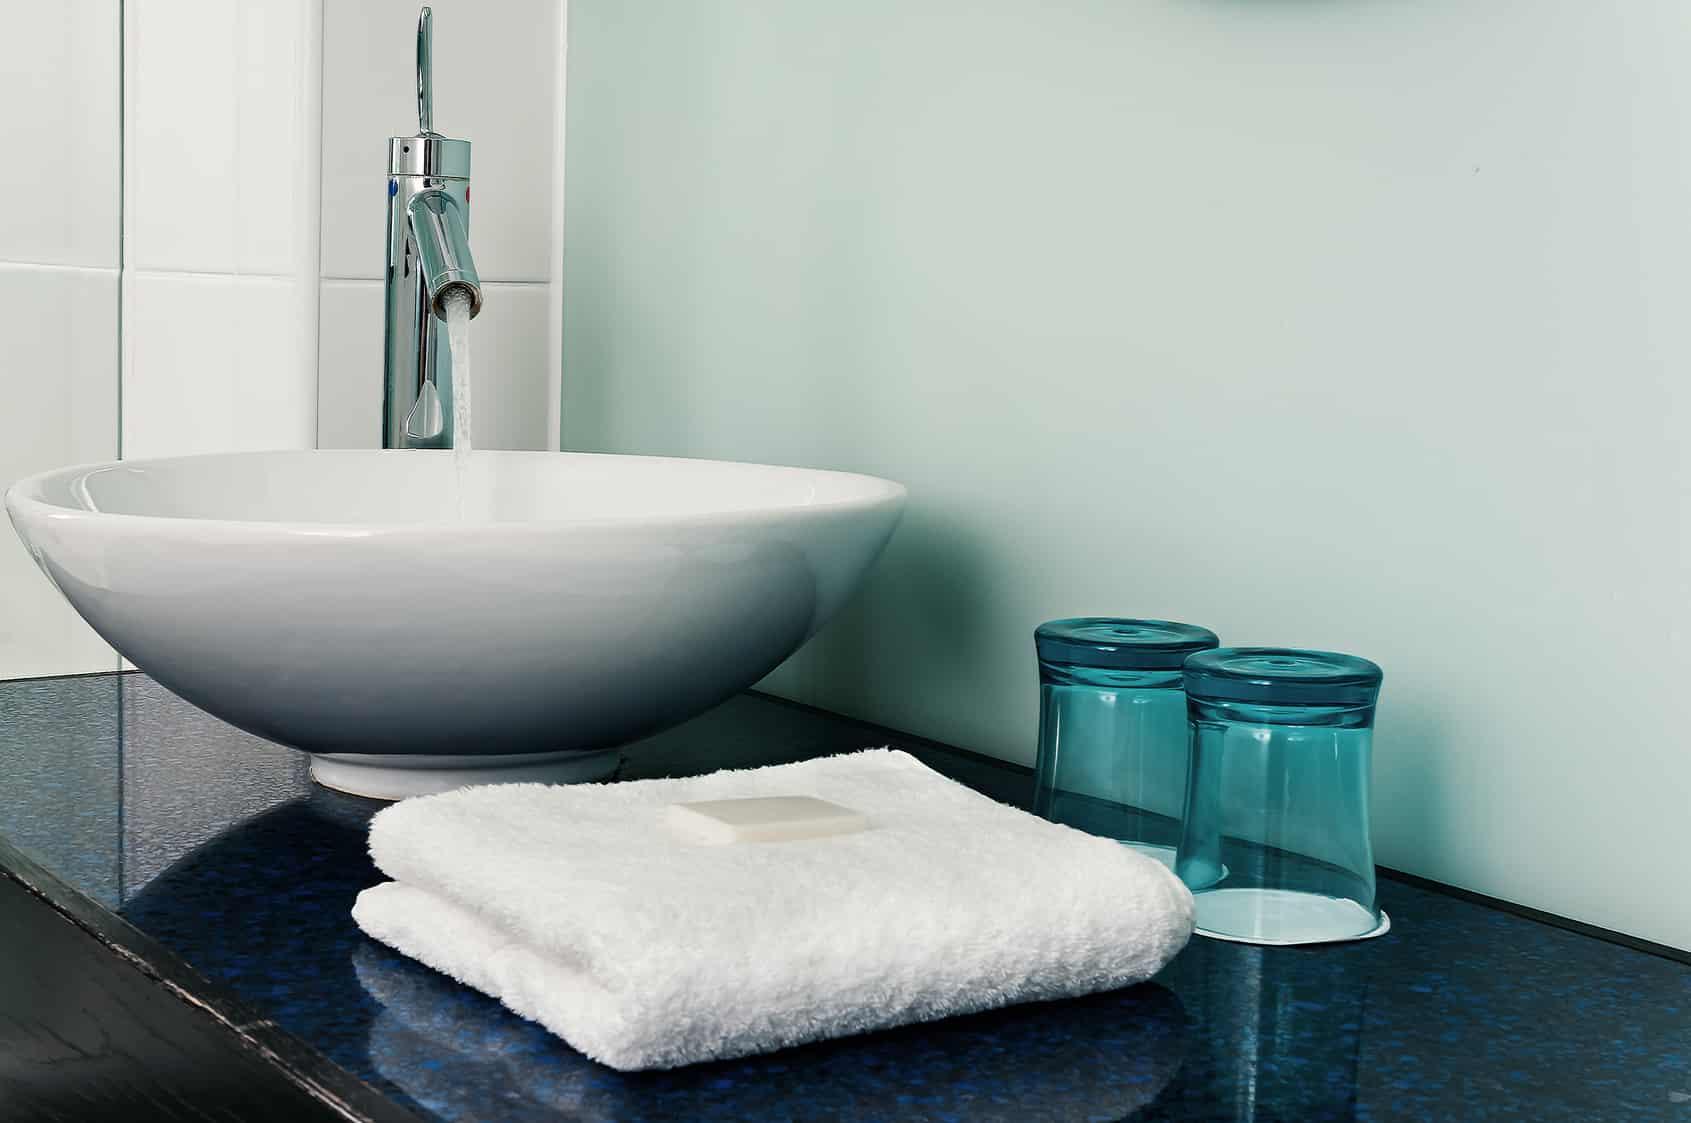 Prix de la pose d un lavabo dans votre salle de bain devis